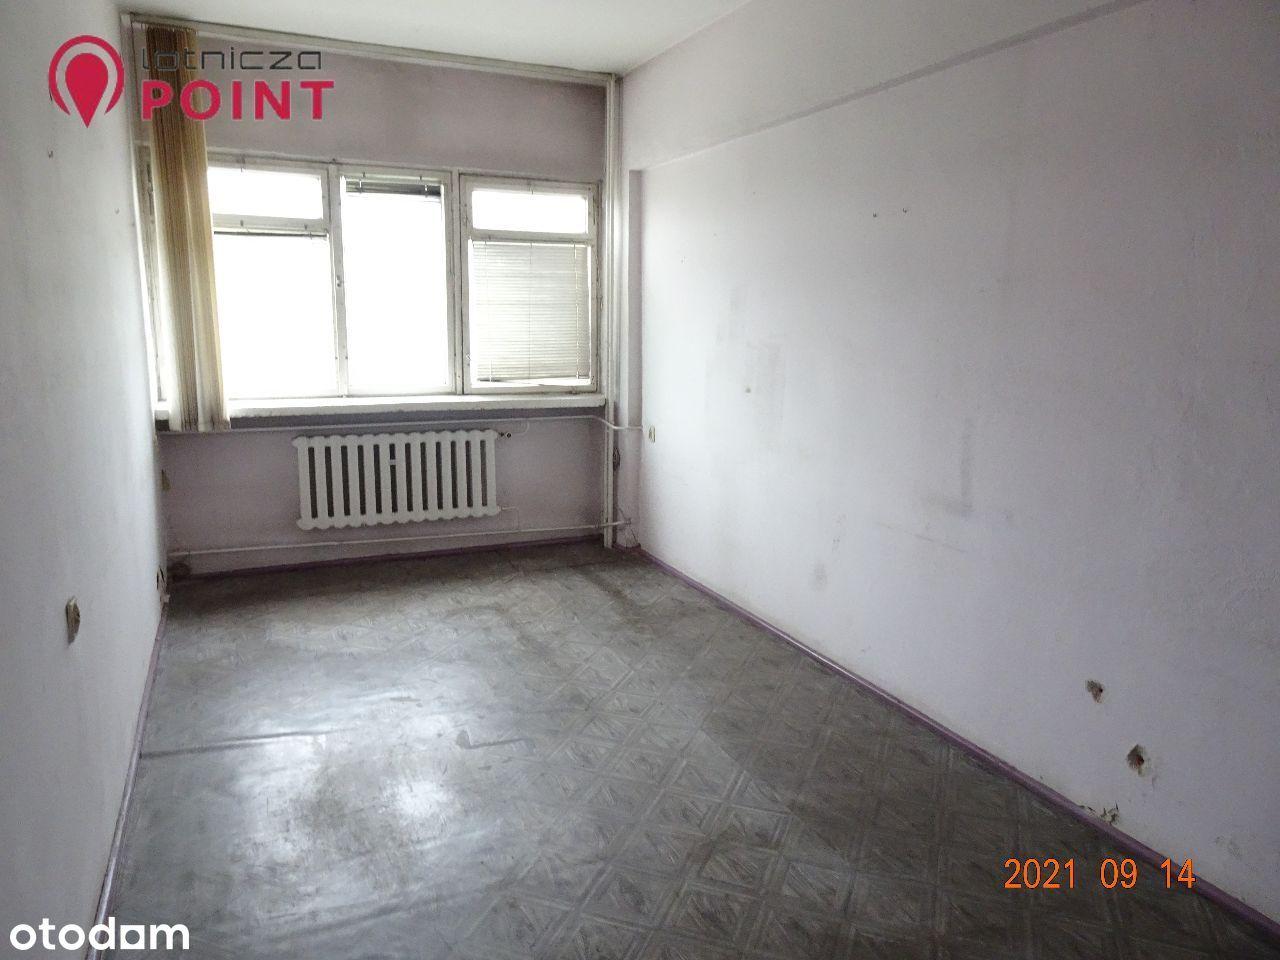 Pomieszczenie biurowe 55m2 2.12 Lotnicza POINT